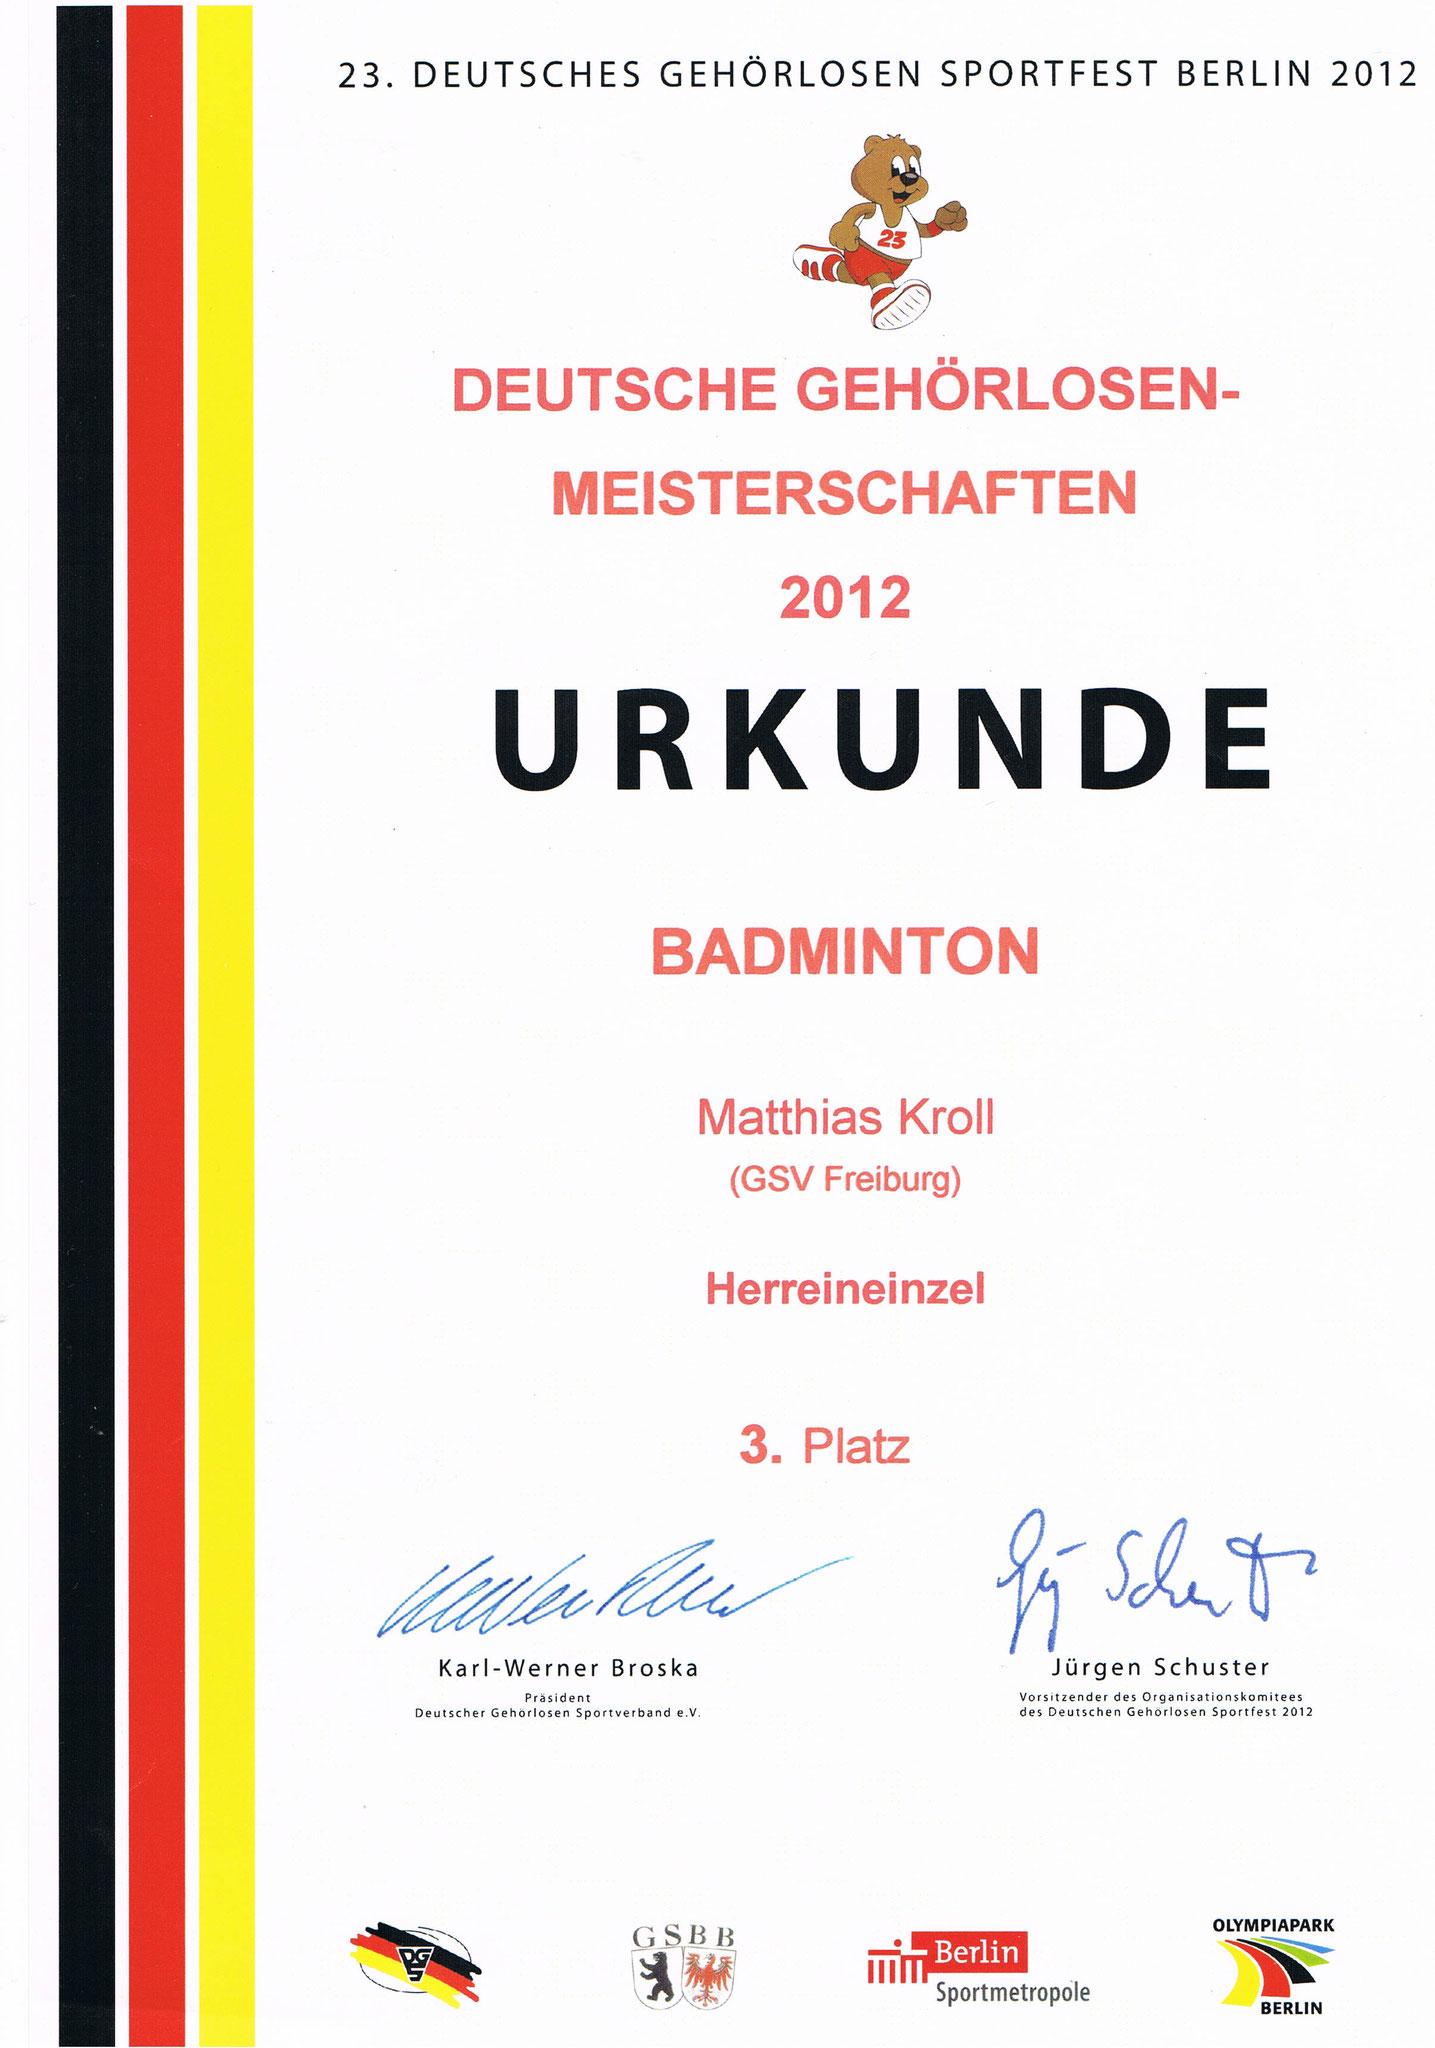 Urkunde Berlin Herrendoppel Deutscher Meister